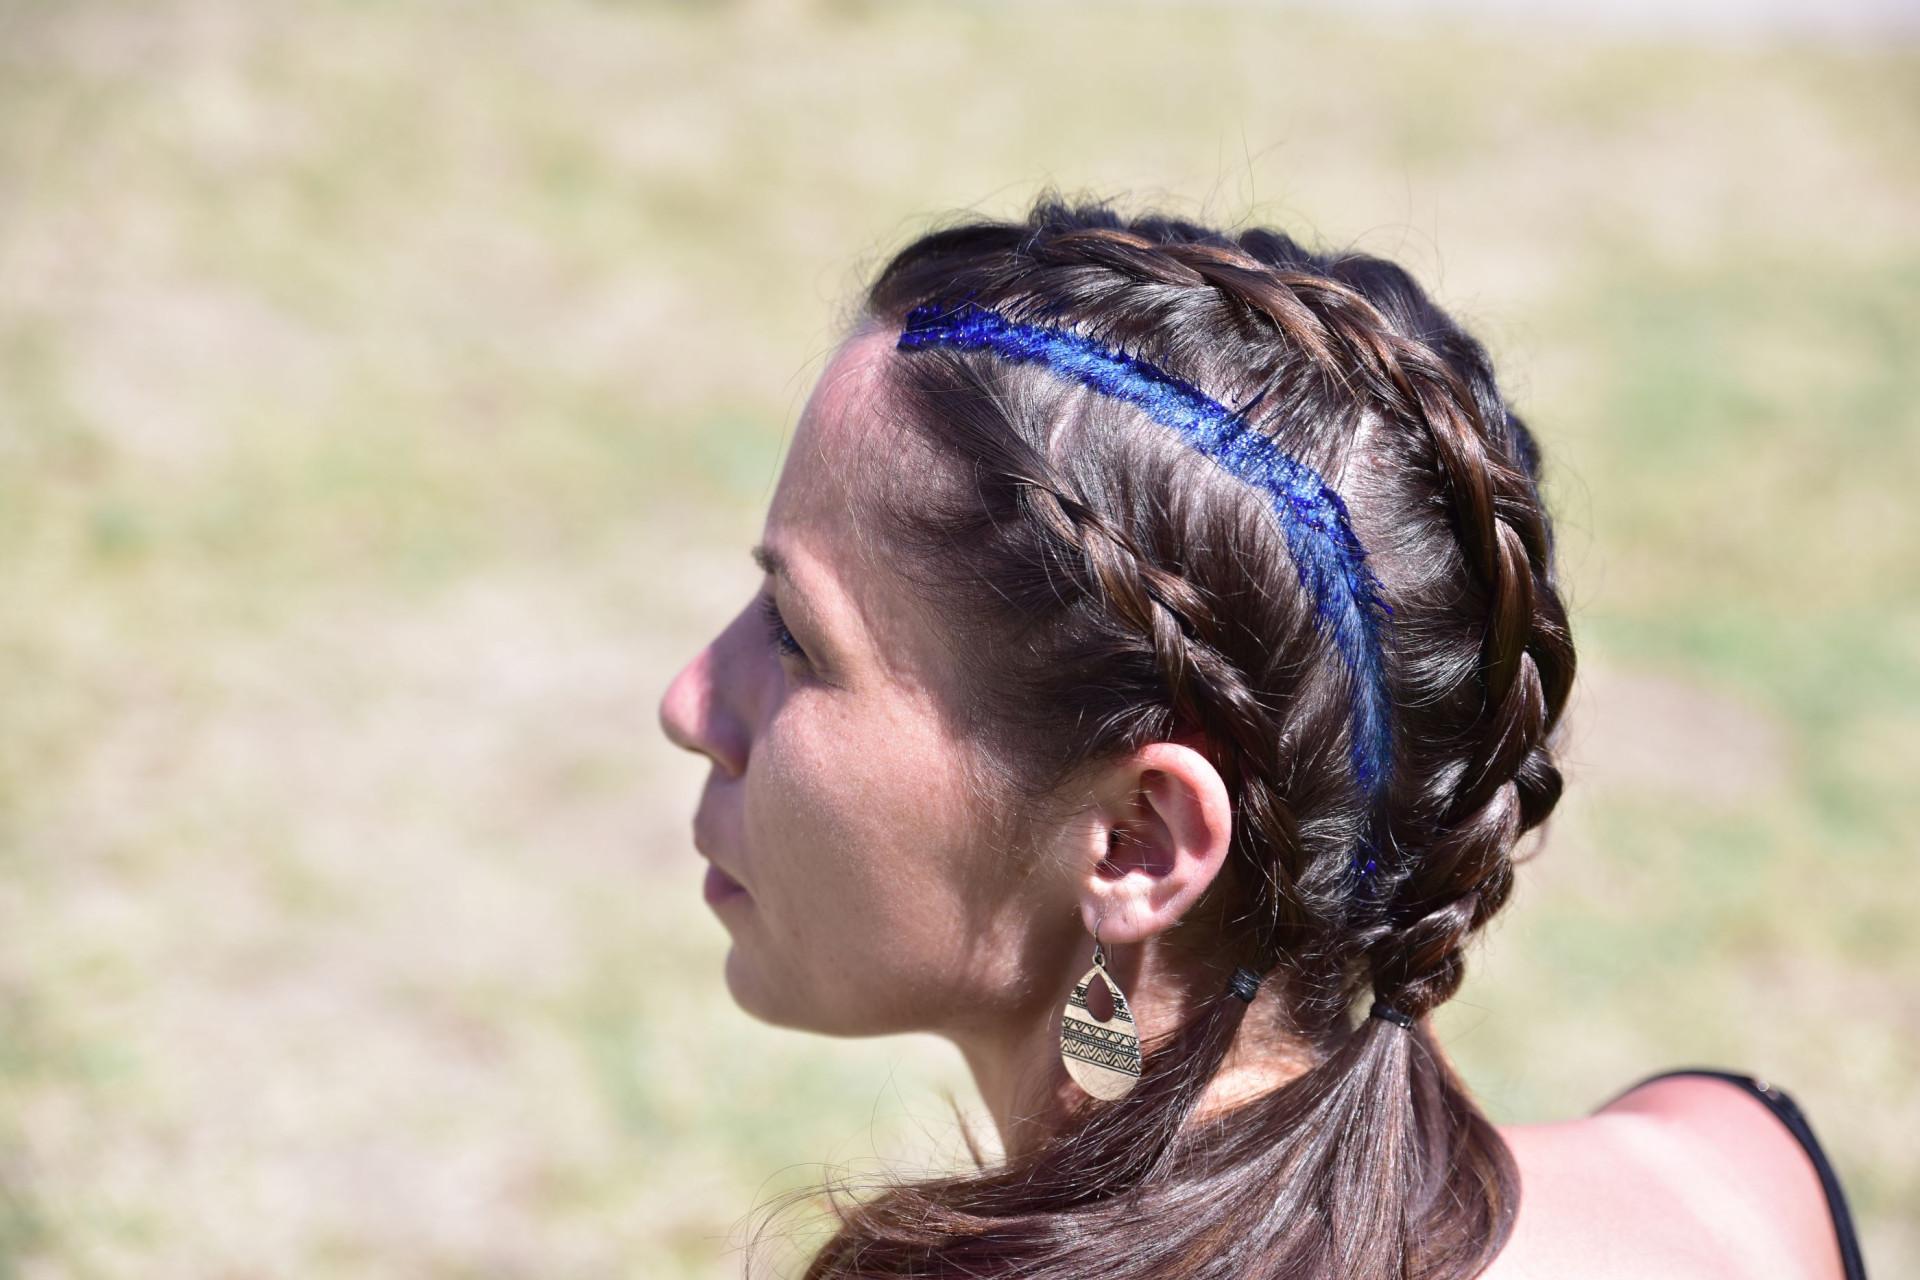 Festivais de verão: Arrase com estas sugestões de penteados